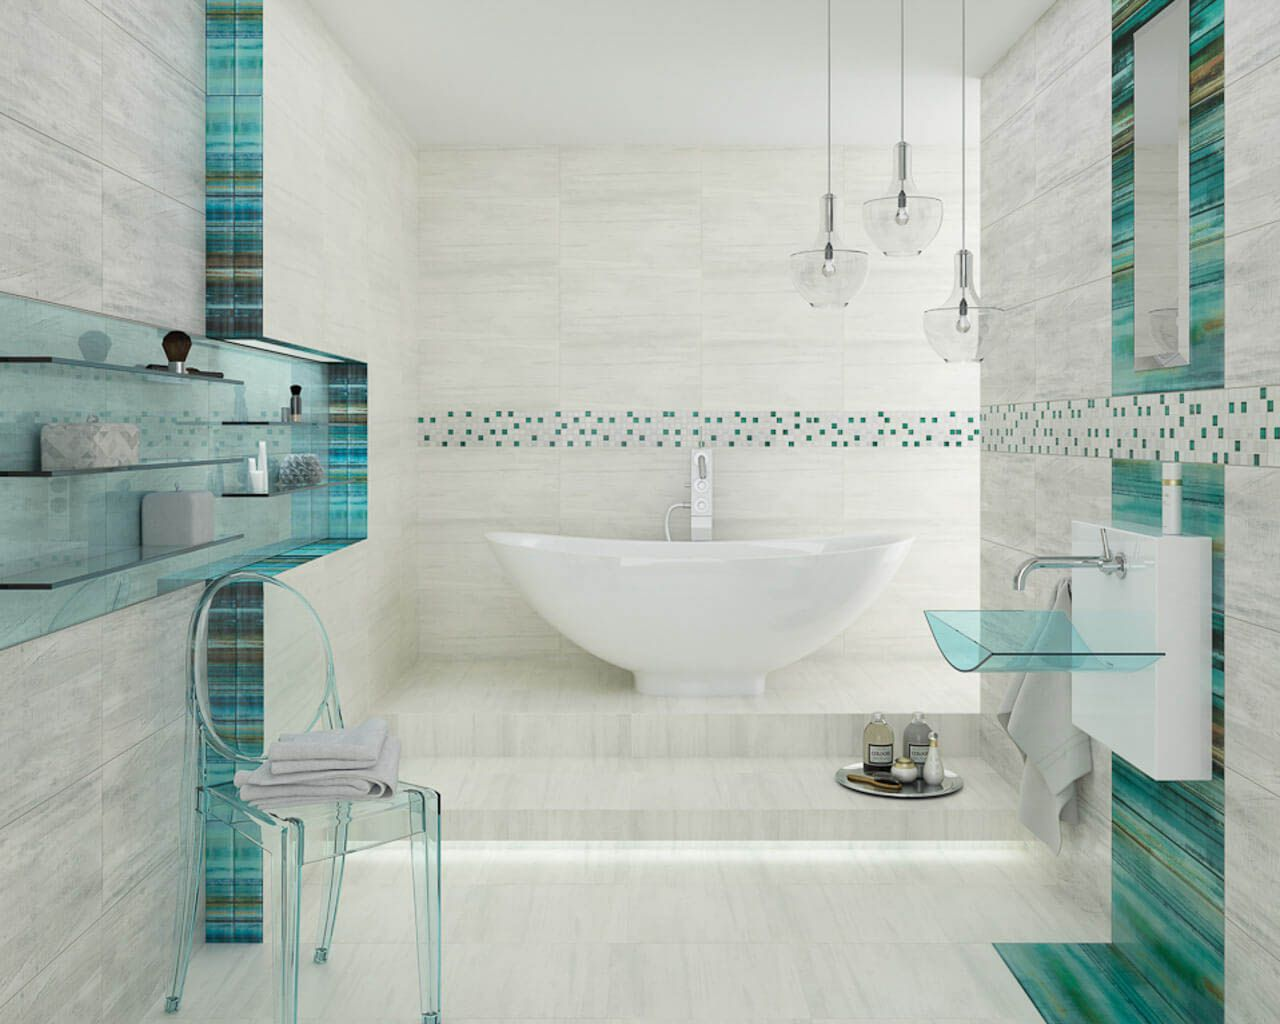 Großes, Modernes Bad Mit Einer Badewanne Und Gläsernen Ornamenten